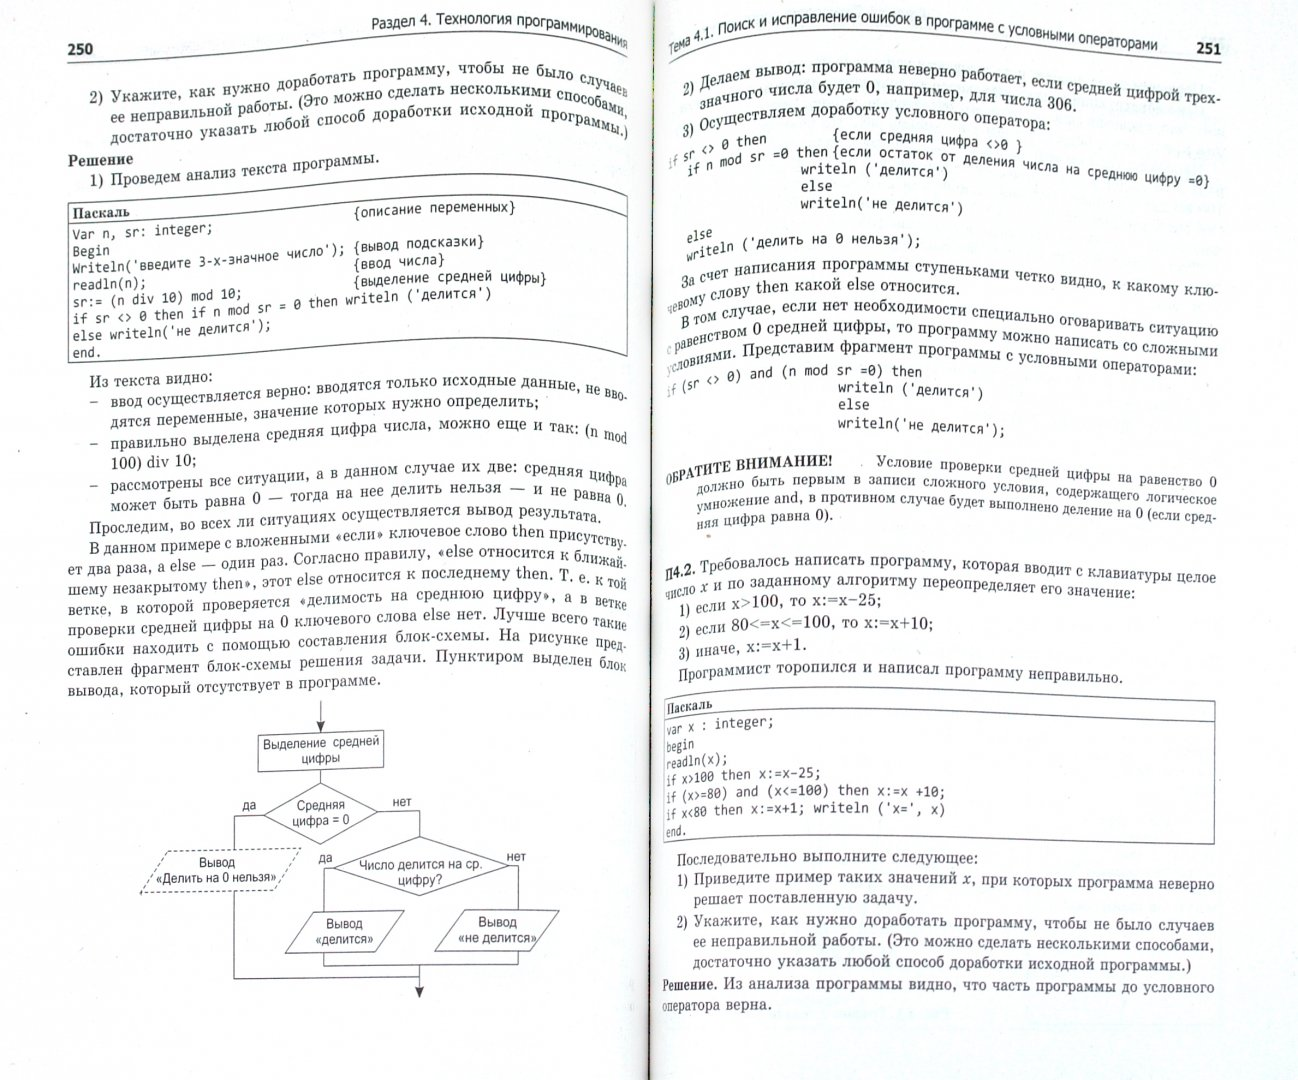 Иллюстрация 1 из 7 для Информатика и ИКТ. Подготовка к ЕГЭ 2011. Типовые задачи | Лабиринт - книги. Источник: Лабиринт